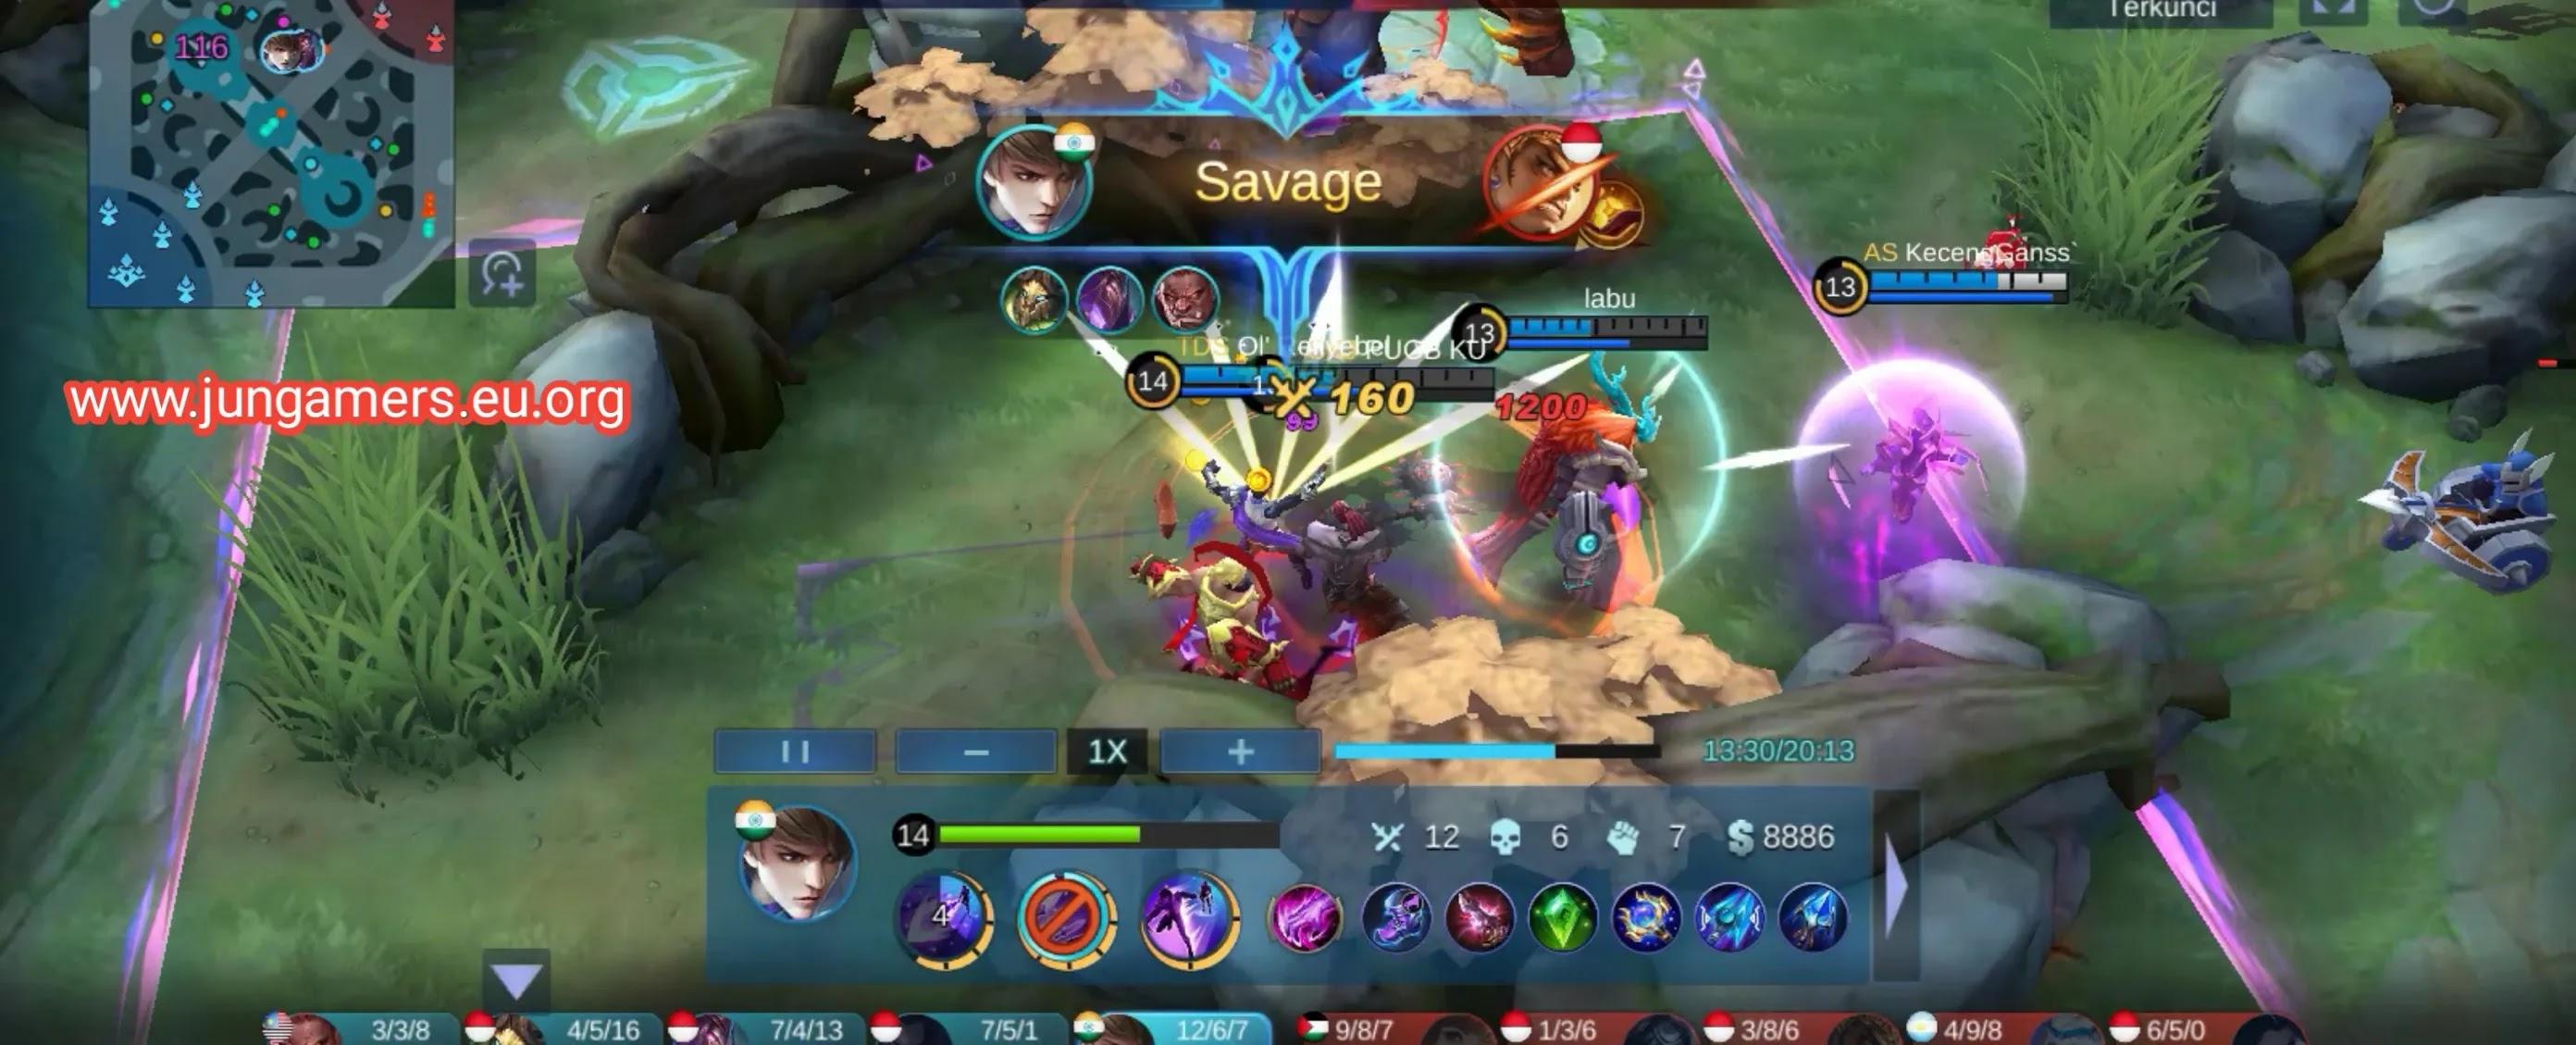 Gameplay Gusion Savage Pertama